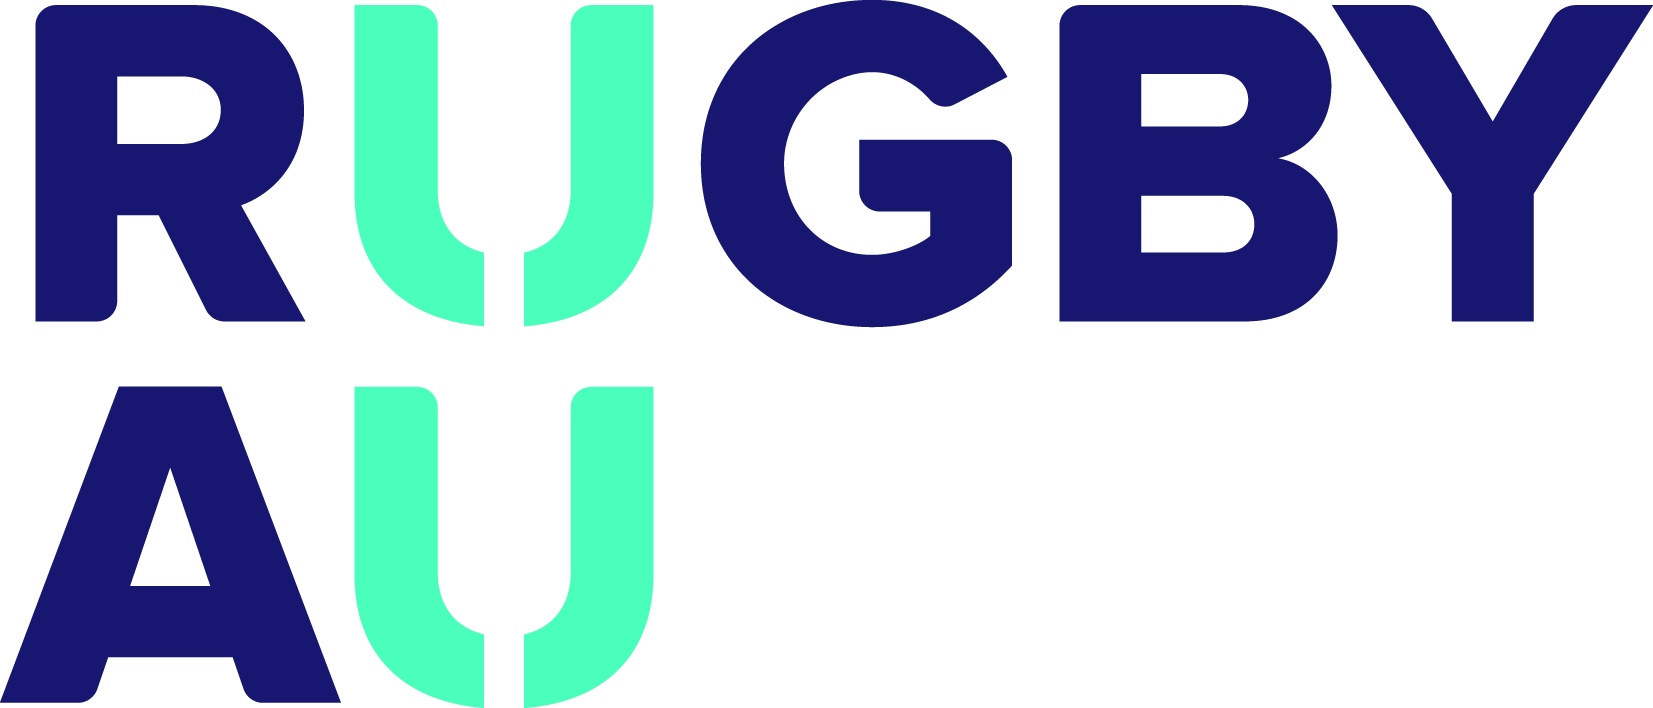 Rugby Australia | Logopedia | FANDOM powered by Wikia